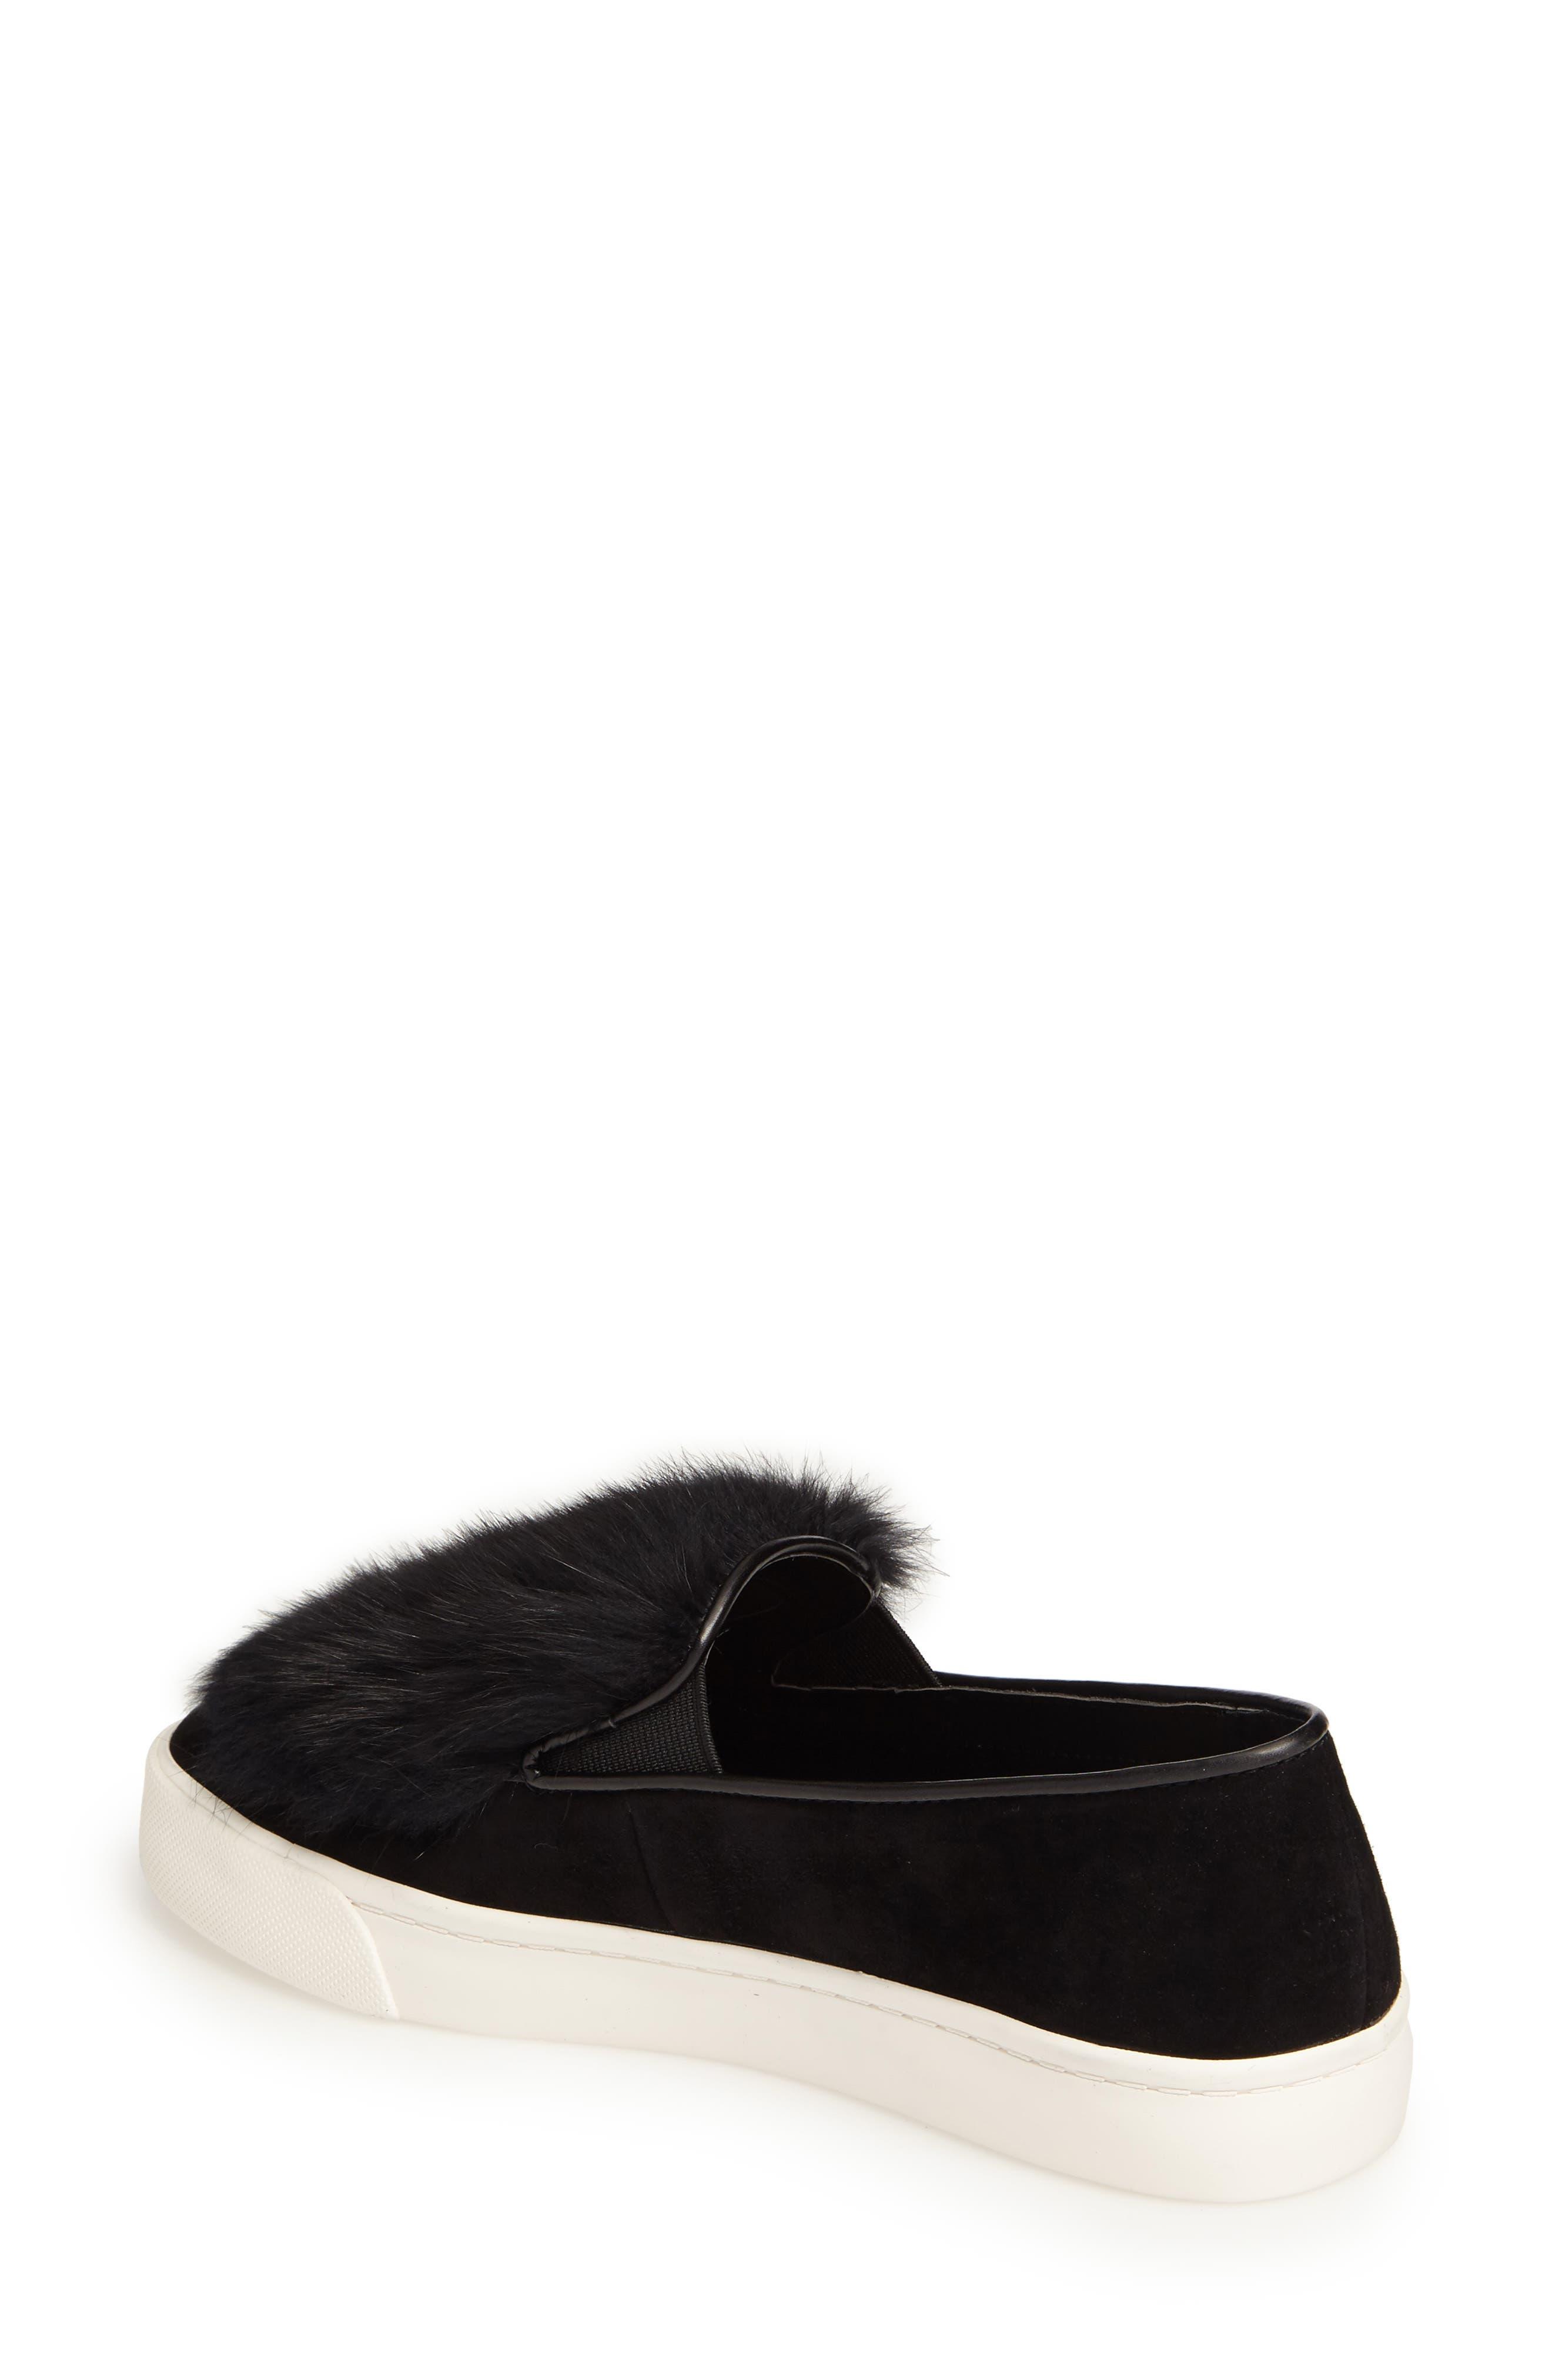 Bershner Genuine Rabbit Fur Slip-On Sneaker,                             Alternate thumbnail 2, color,                             001